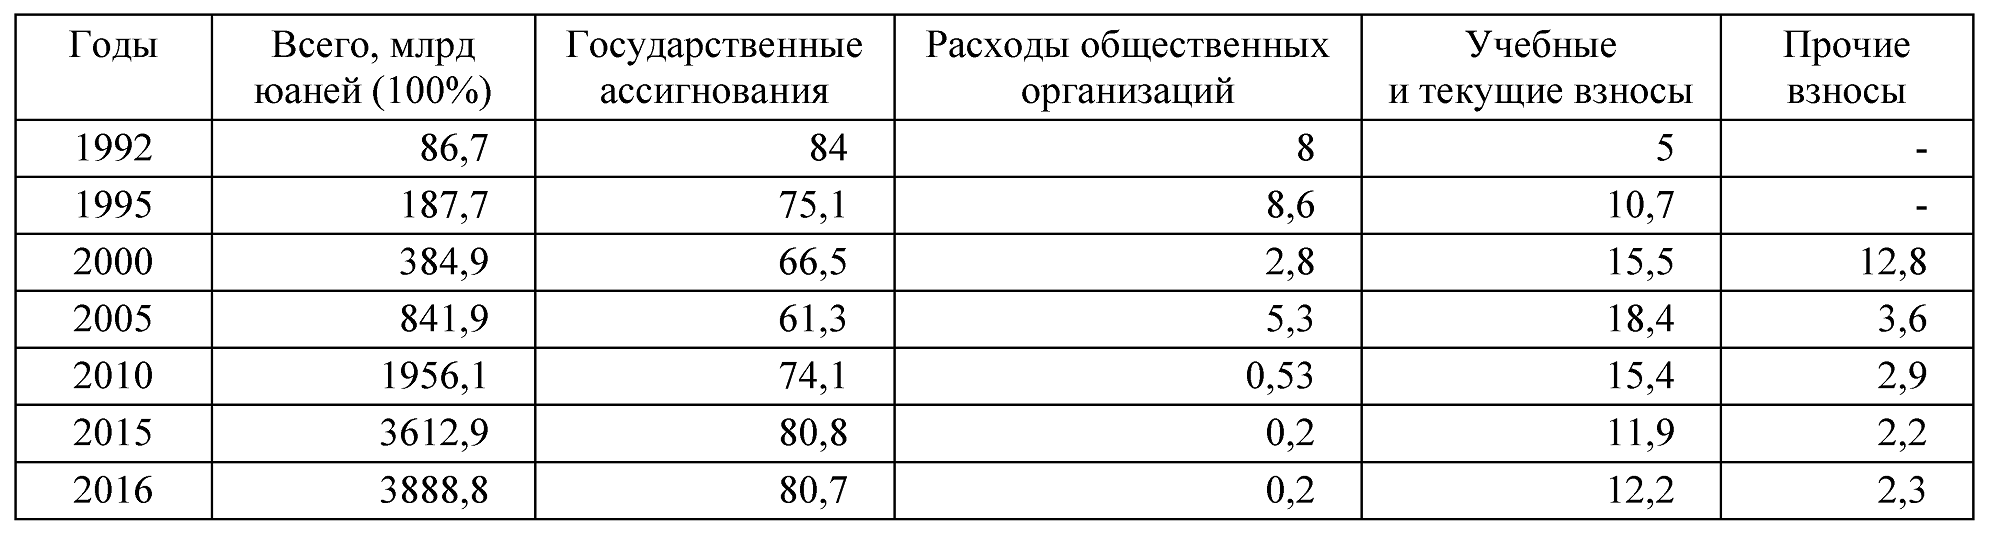 Таблица 1. Структура финансирования образовательной системы, 1992-2016 гг.